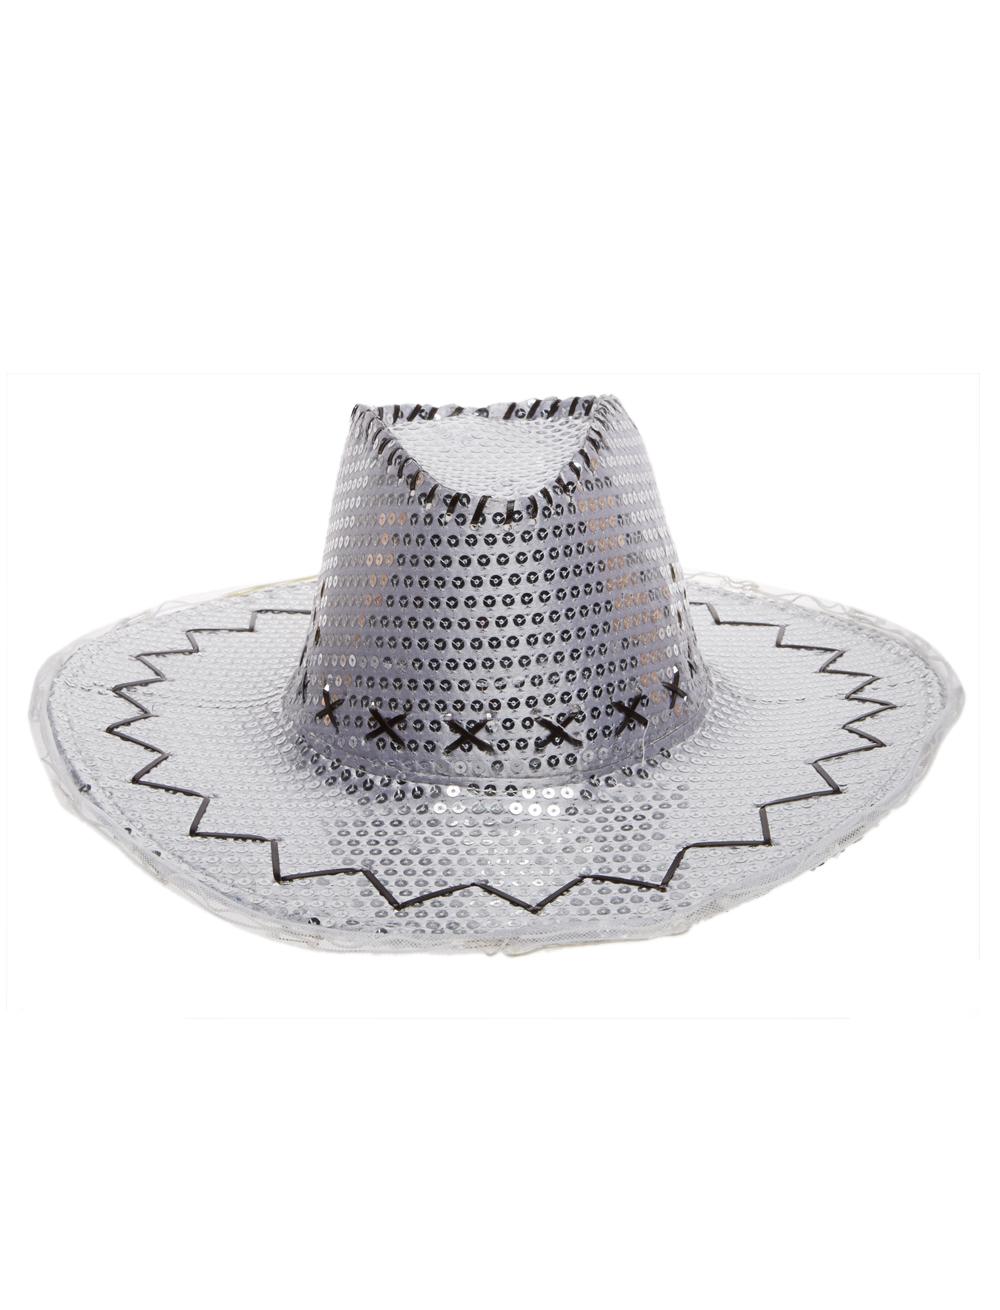 Kostuemzubehor Cowboyhut Pailletten mit Blinkkrempe silber